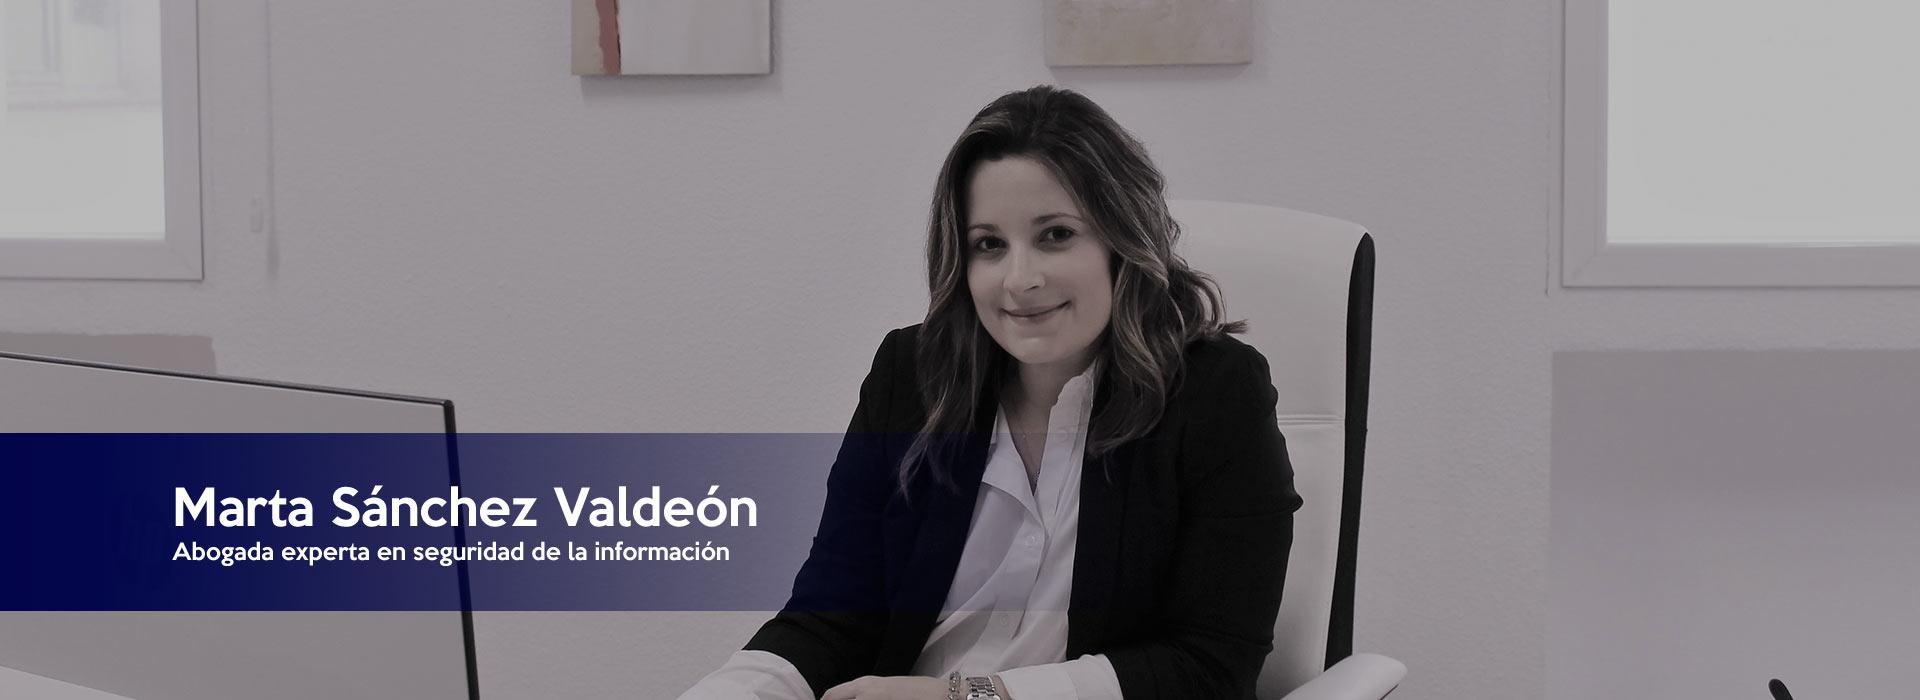 Marta Sánchez Valdeón